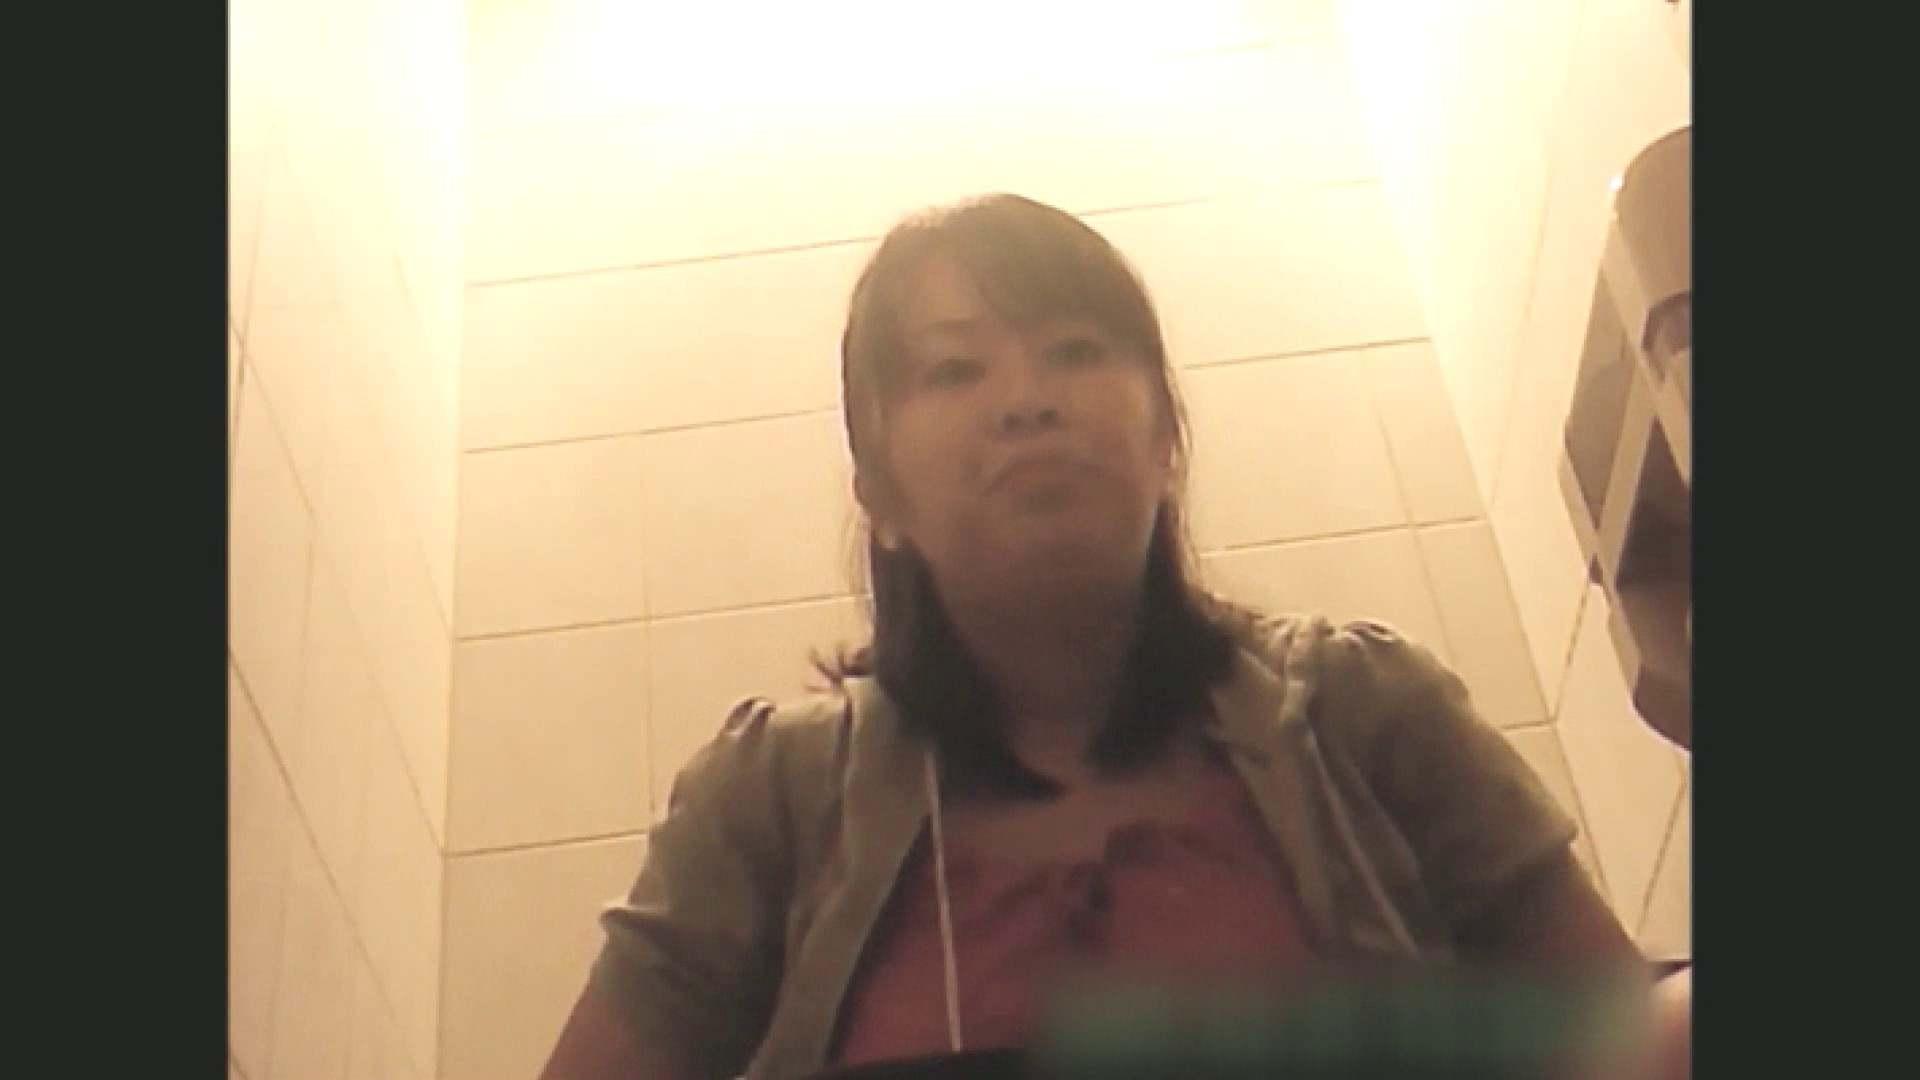 実録!!綺麗なお姉さんのトイレ事情・・・。vol.1 OL女体 スケベ動画紹介 72連発 32